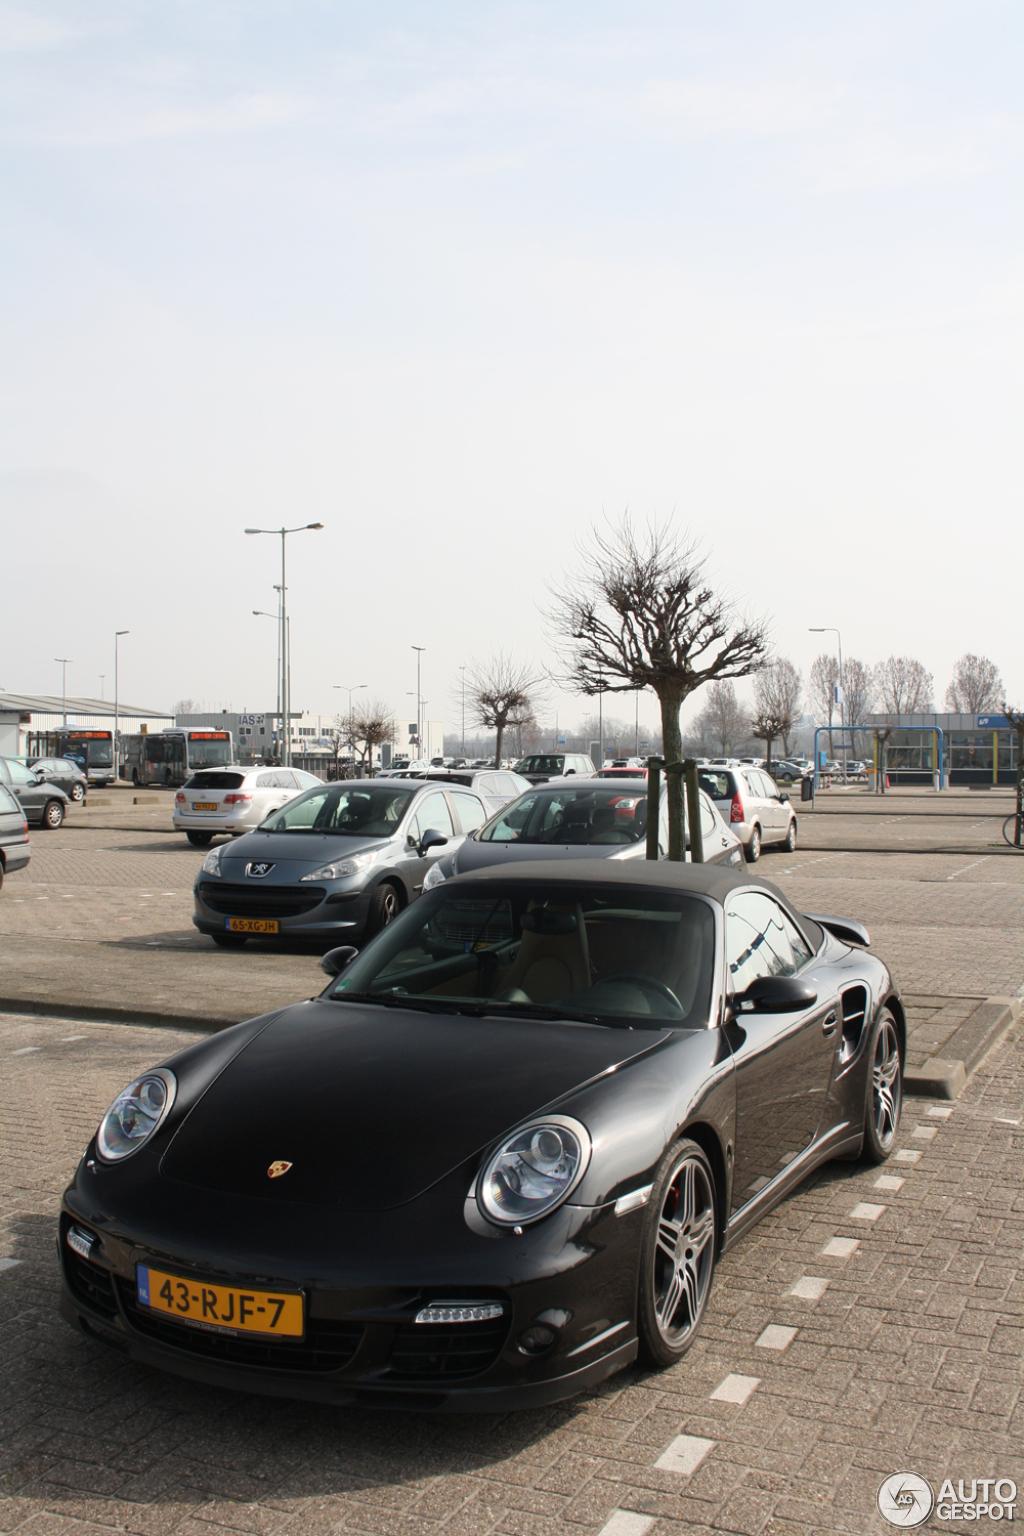 Porsche 997 Turbo Cabriolet MkI 8